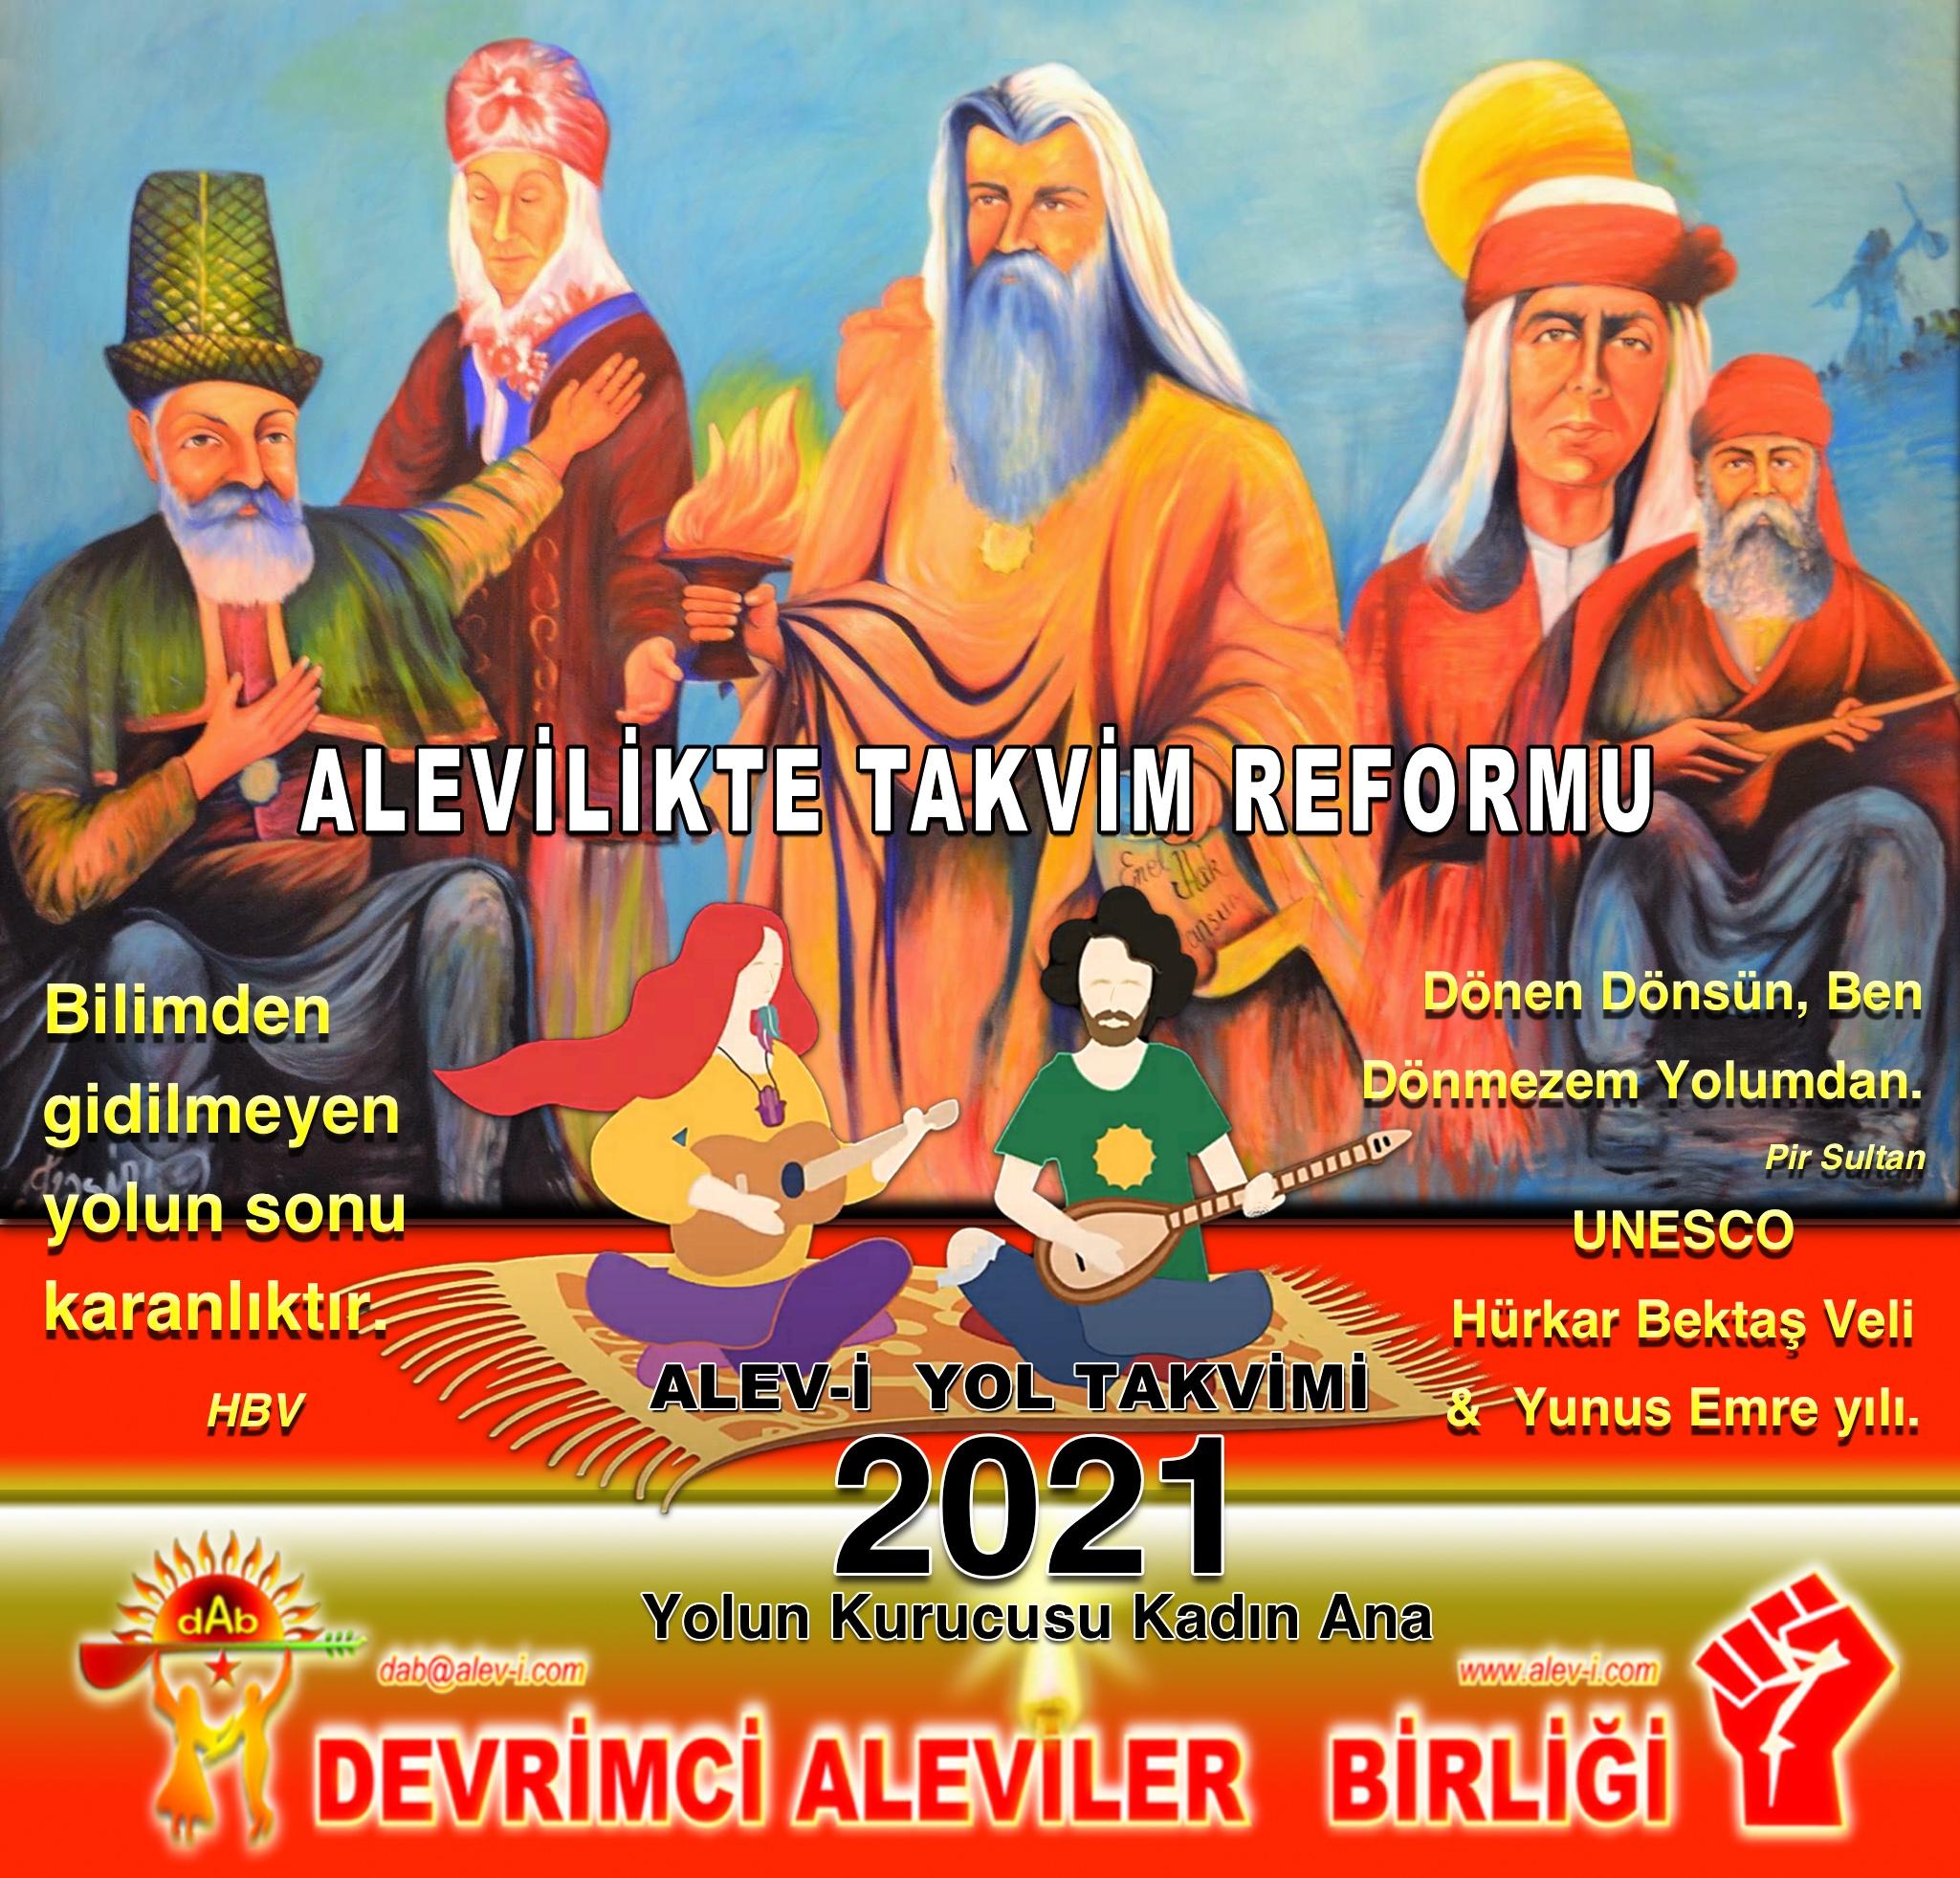 0 Alevi HBV mansur kadın ana Alevi bektaşi kızılbaş pir sultan cem alevilikte takvim reformu 2021